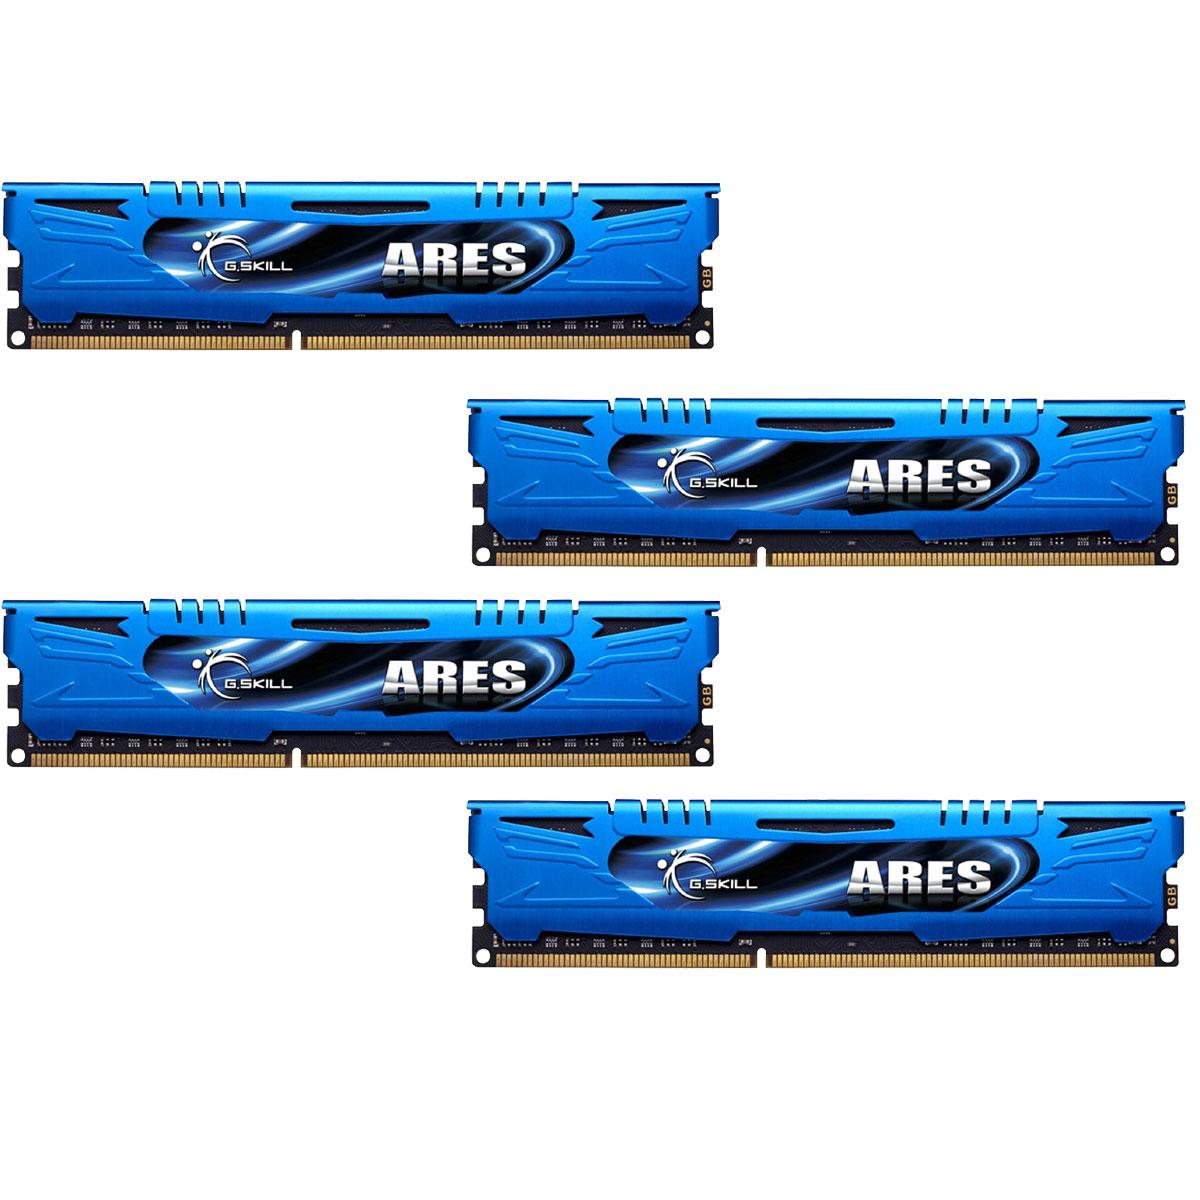 Mémoire PC G.Skill Ares Blue Series 16 Go (4 x 4 Go) DDR3 2133 MHz CL9 Kit Quad Channel DDR3 PC3-17000 - F3-2133C9Q-16GAB (garantie à vie par G.Skill)